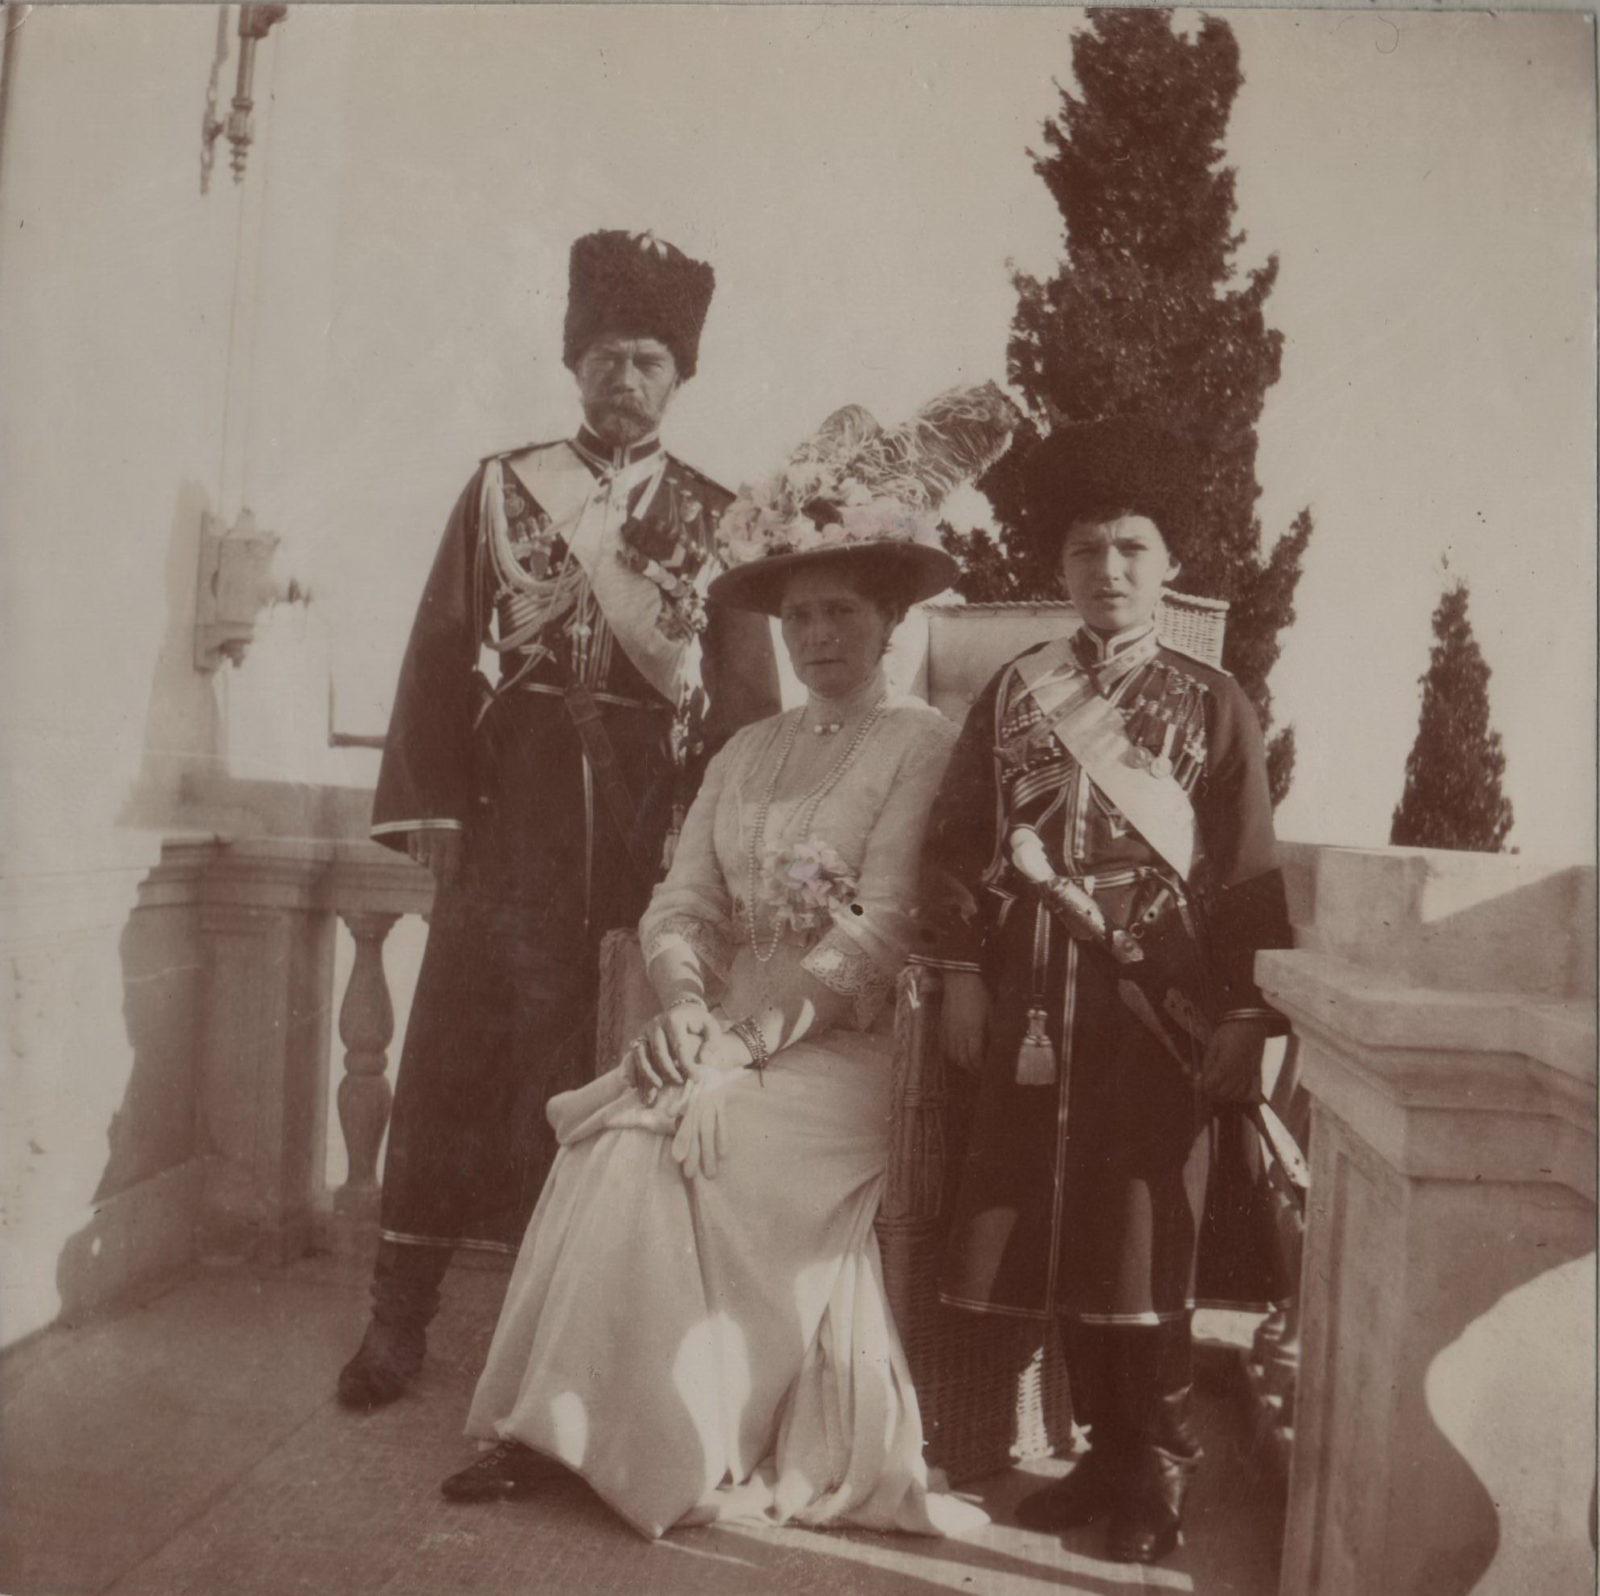 Emperor Nicholas II, Empress Alexandra Feodorovna and Tsarevich Alexei Nikolayevich on the balcony of the Livadia Palace.